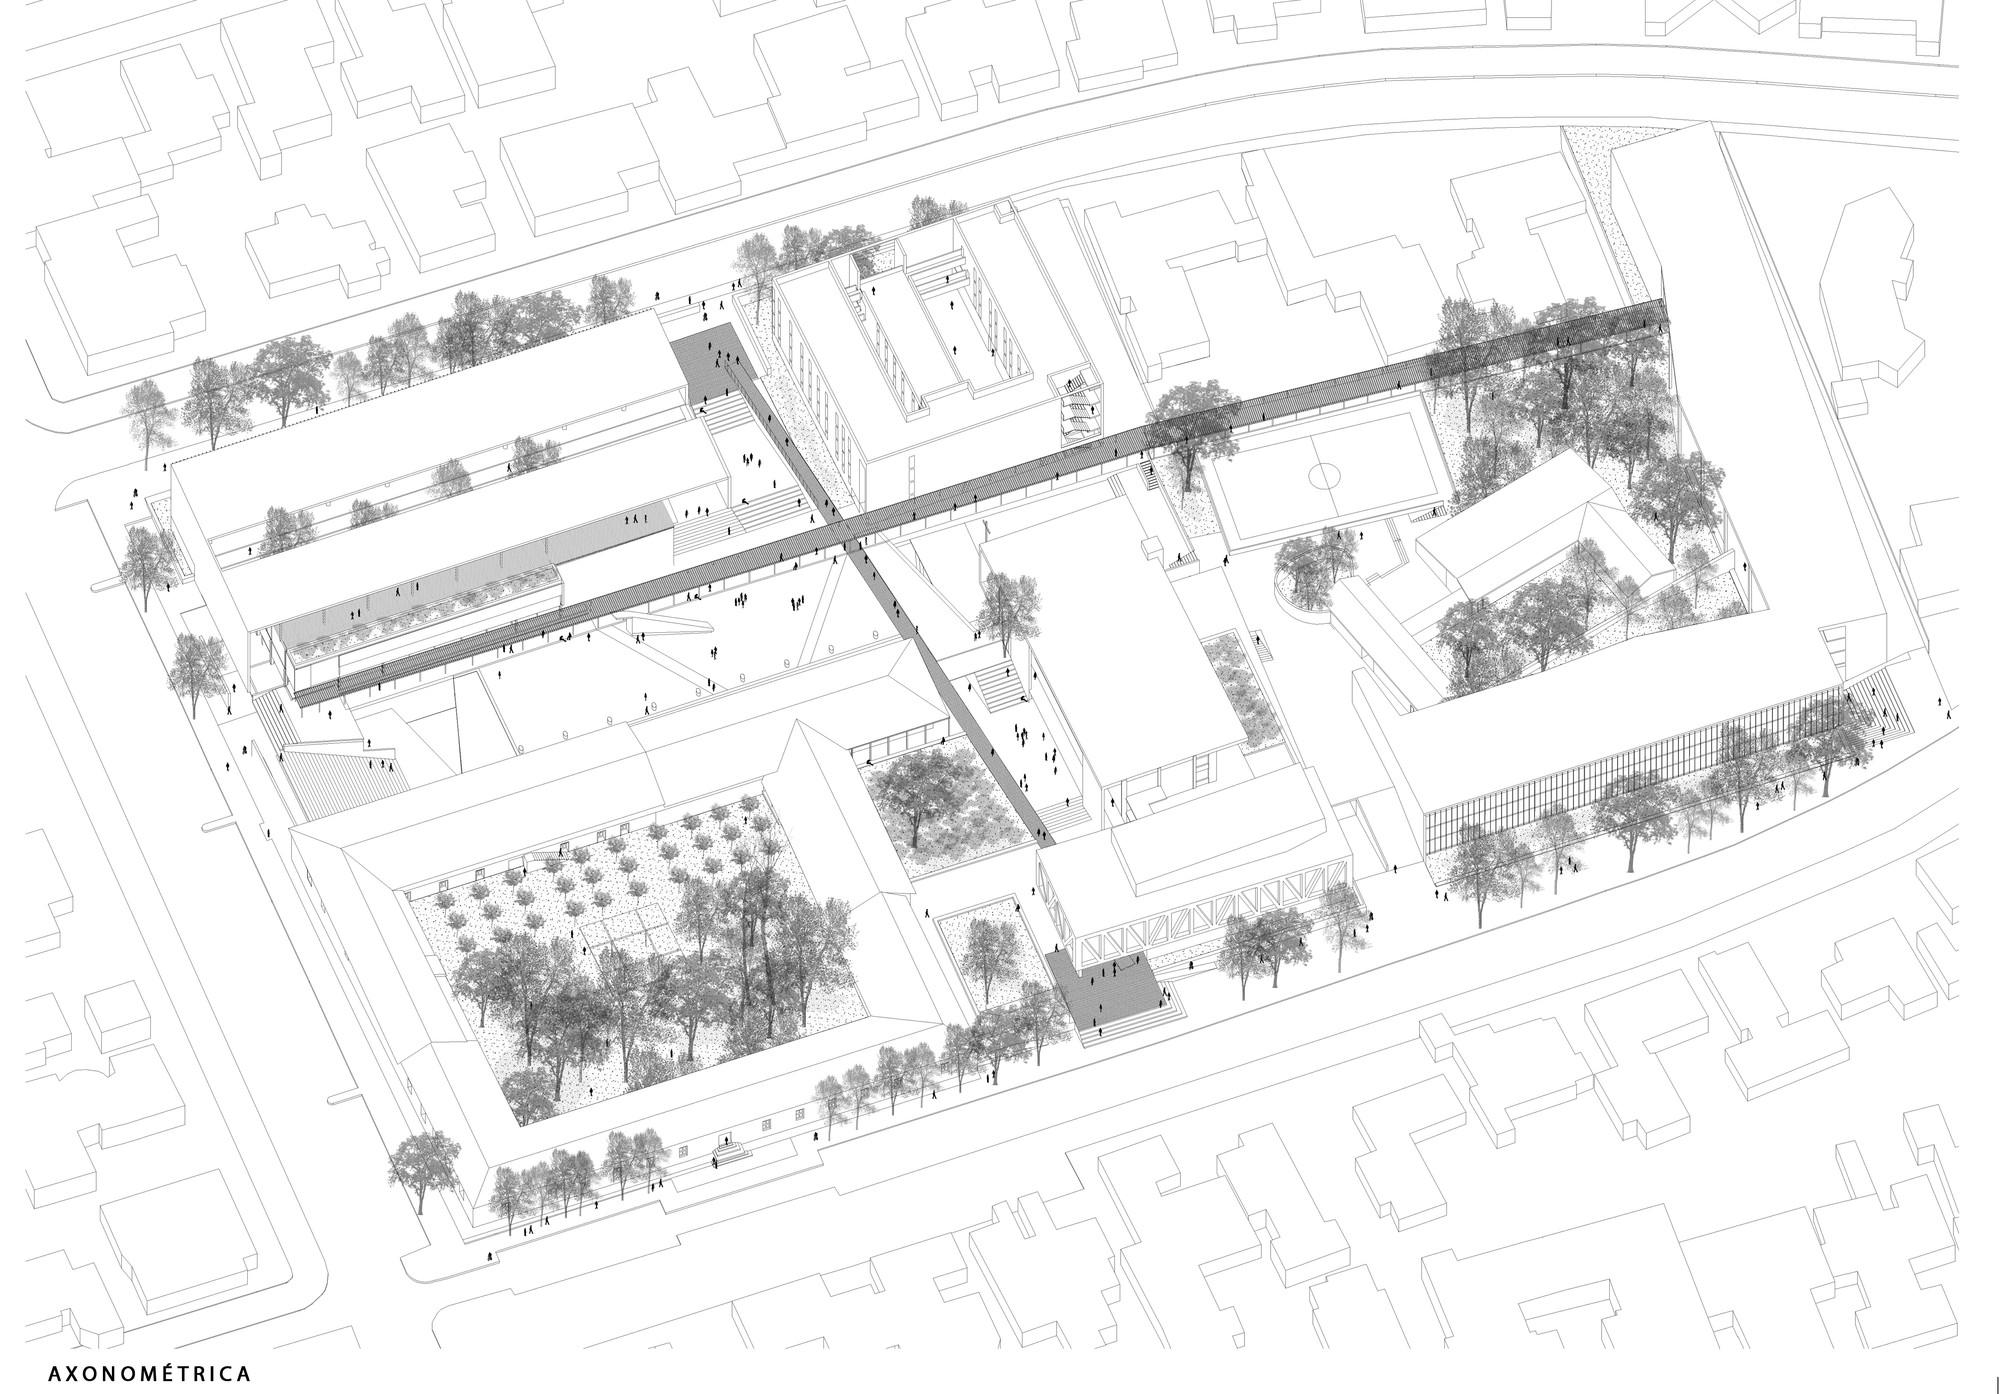 Baixas & del Río Arquitectos, segundo lugar en concurso de plan maestro del campus Lo Contador / Chile, Axonométrica. Image Cortesia de Baixas & del Río Arquitectos